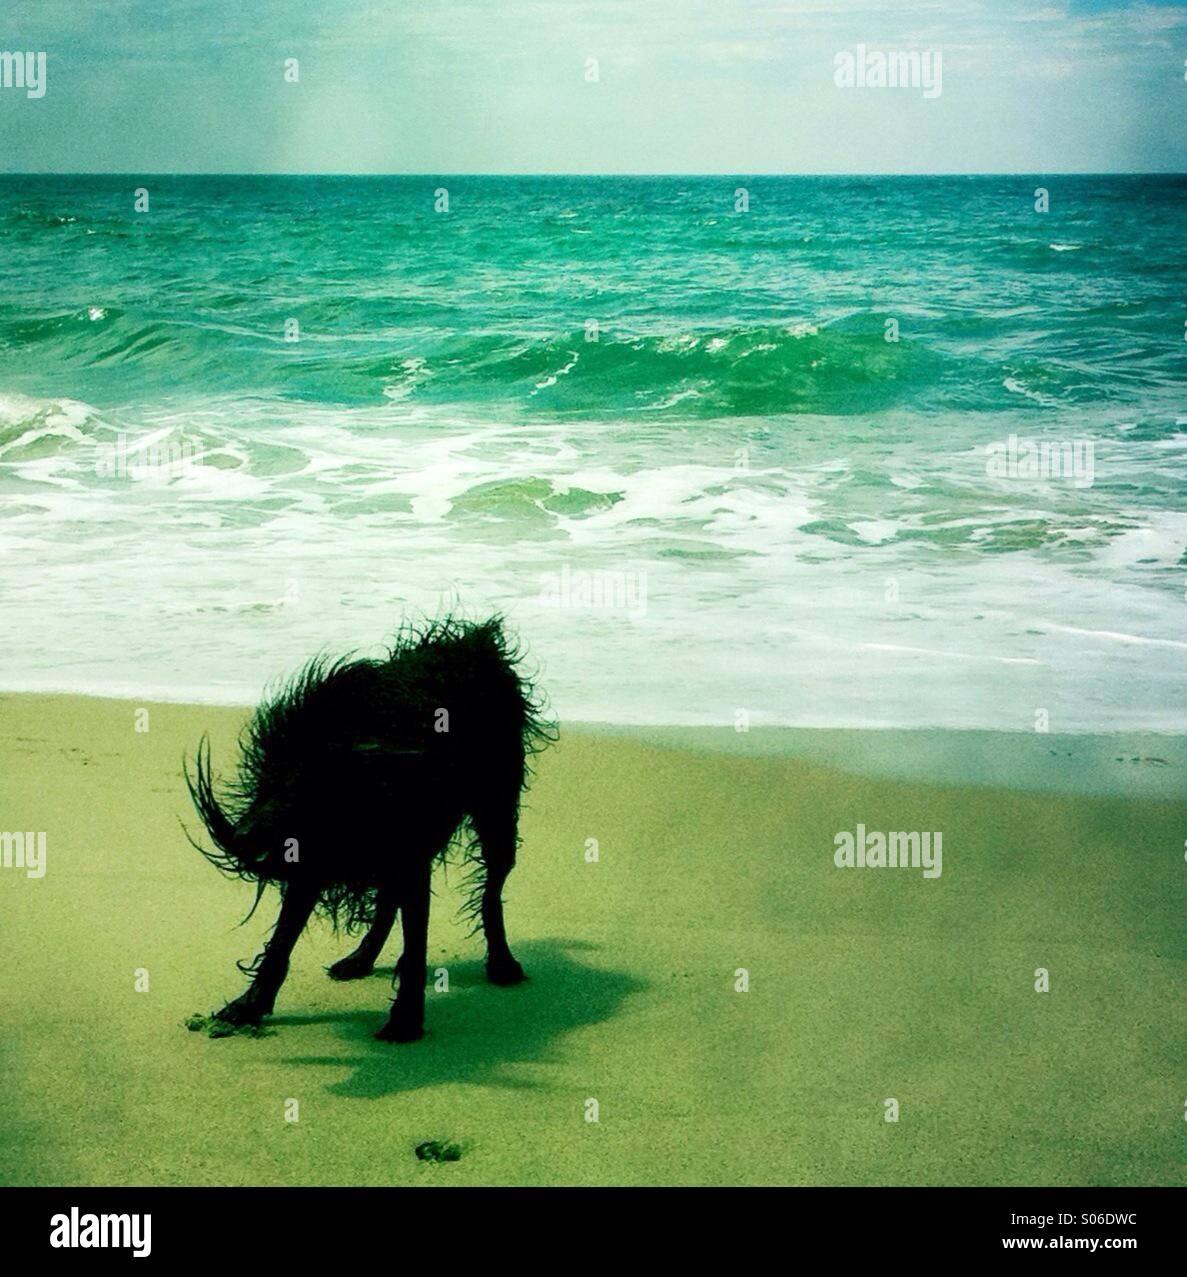 Um cão shakin labradoodle preto da água na praia. Ventura na Califórnia (EUA). Imagens de Stock